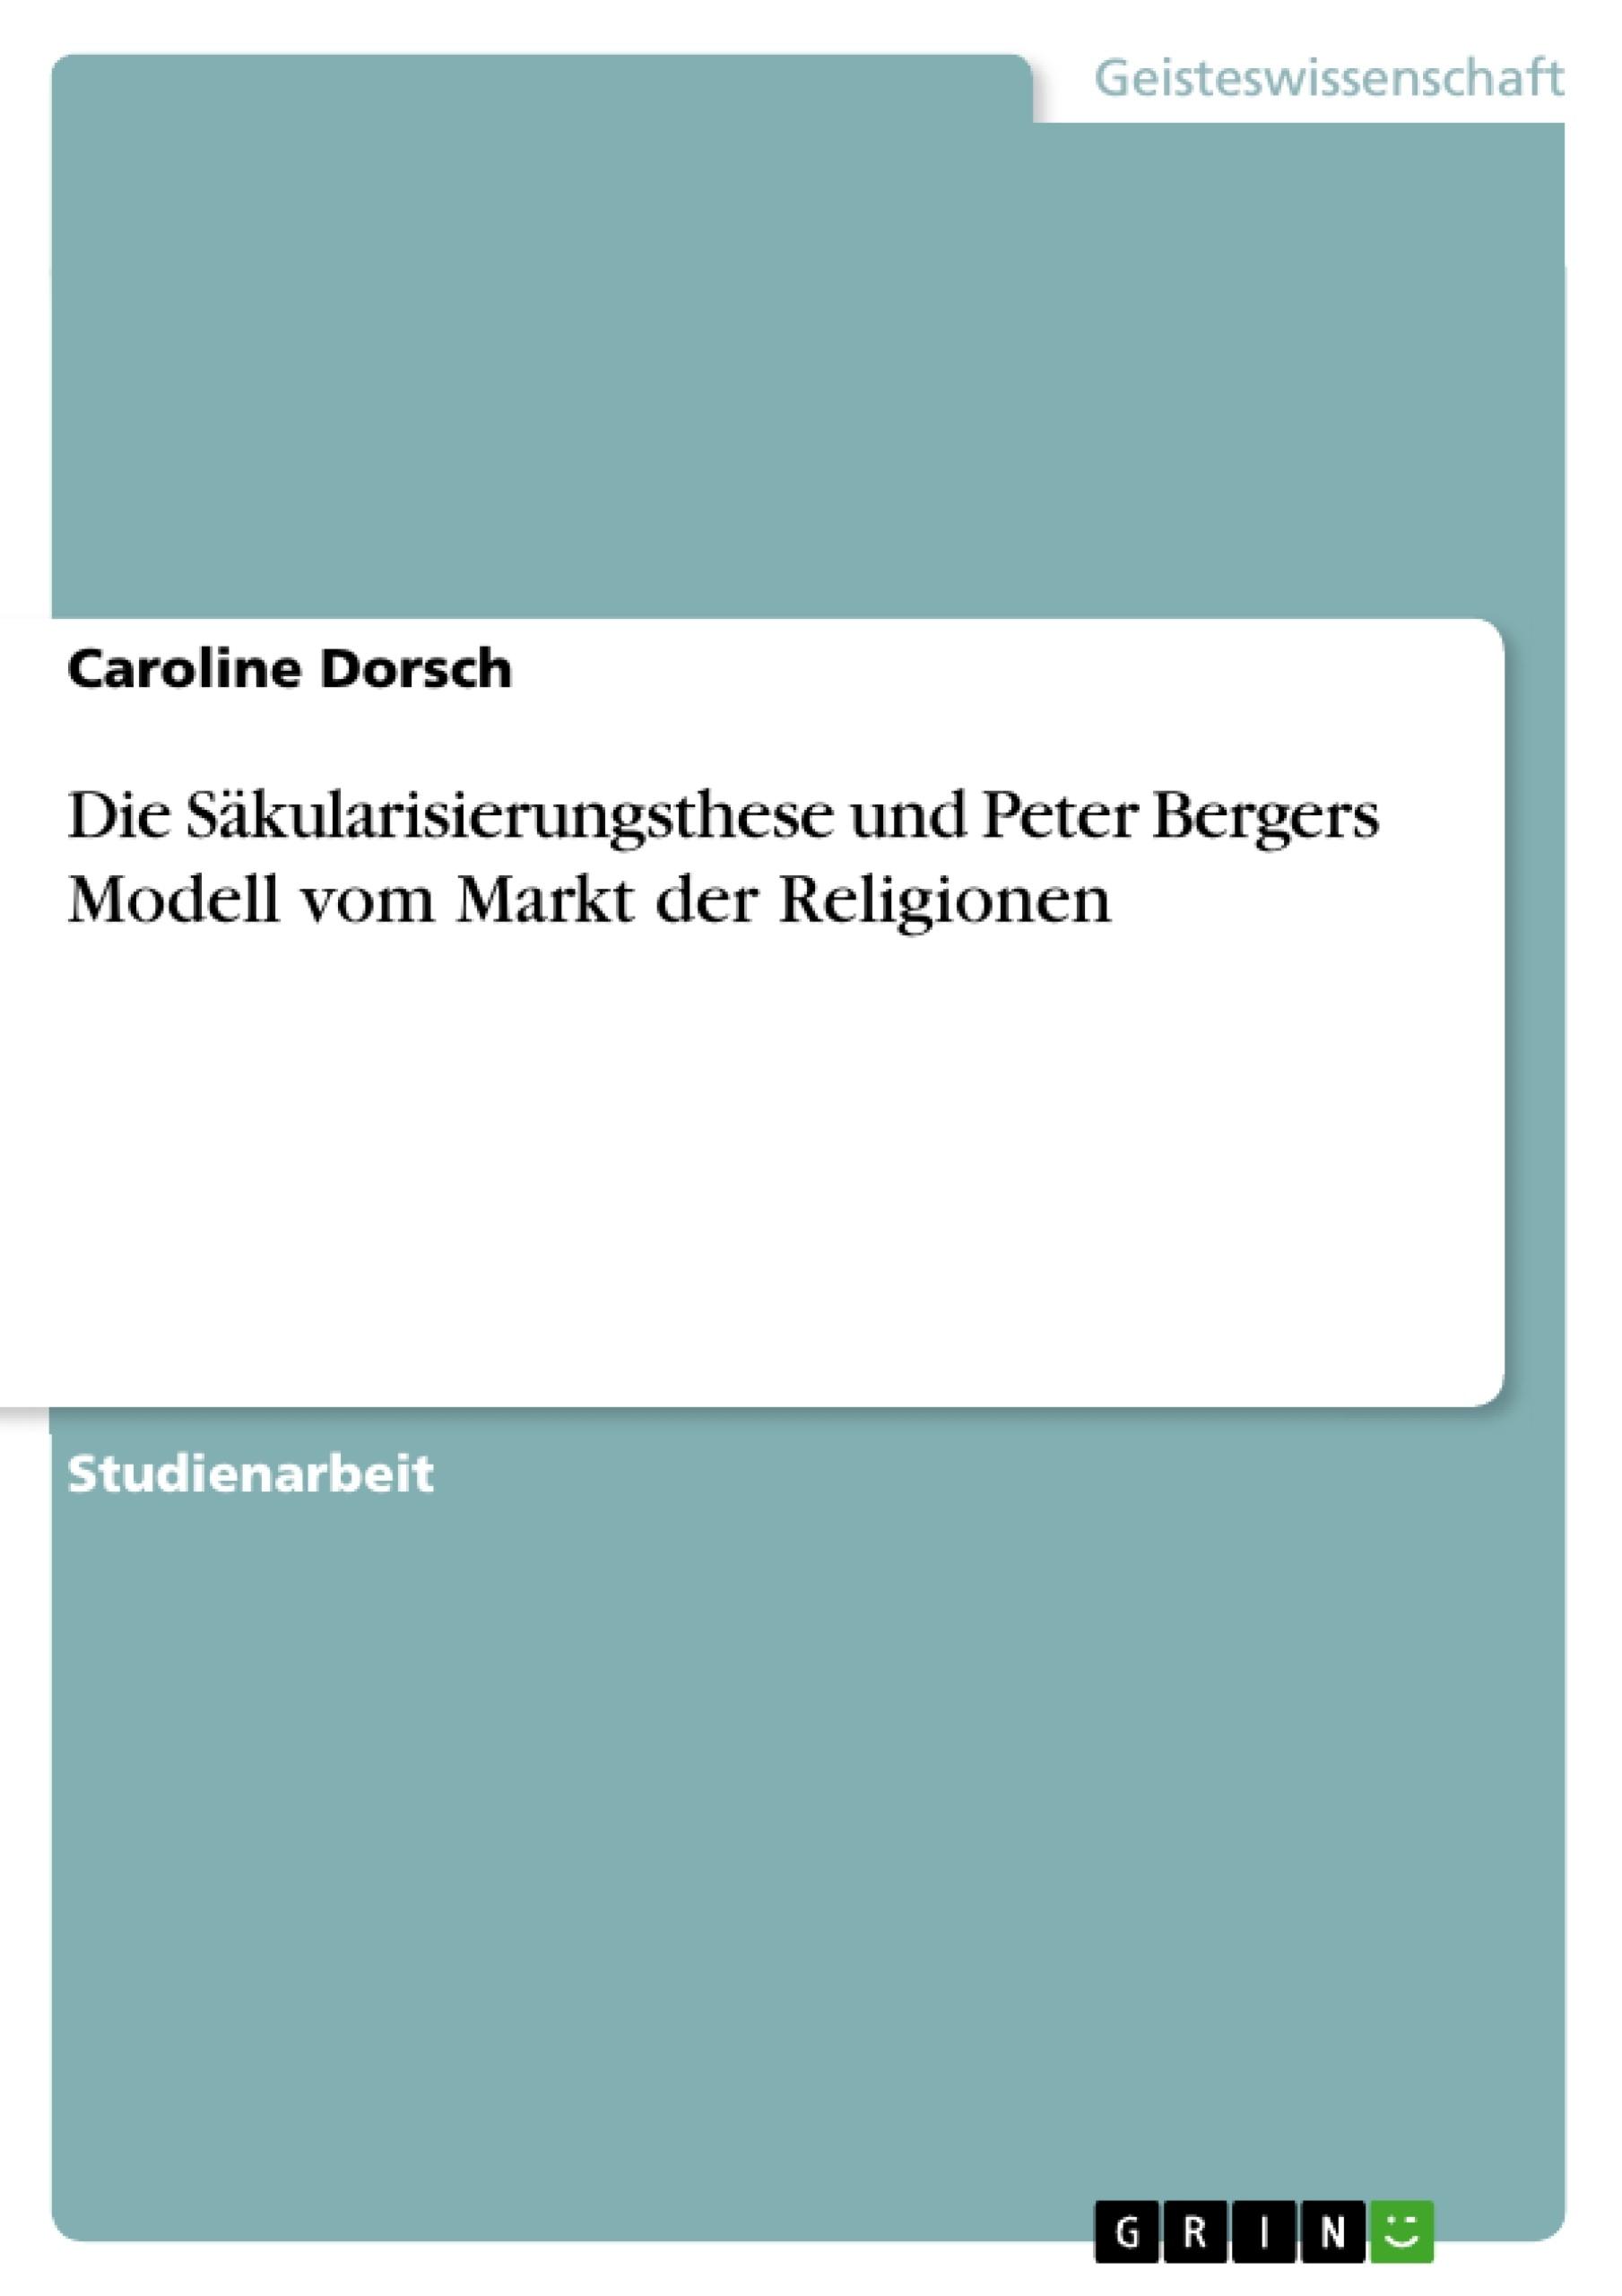 Titel: Die Säkularisierungsthese und Peter Bergers Modell vom Markt der Religionen